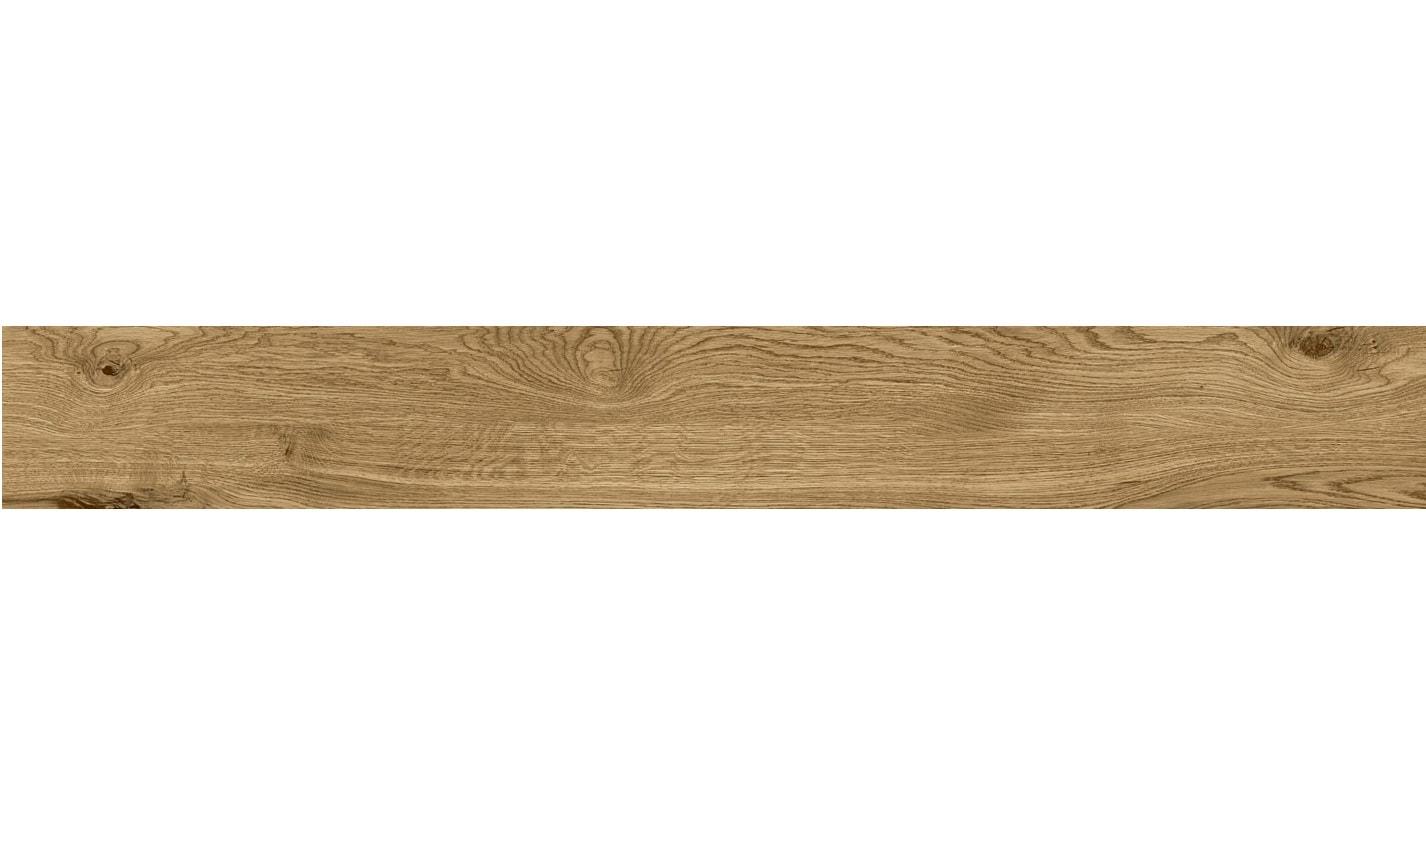 Płytka podłogowa Tubądzin Wood Pile Natural STR 179,8x23cm tubWooPilNatStr1798x230